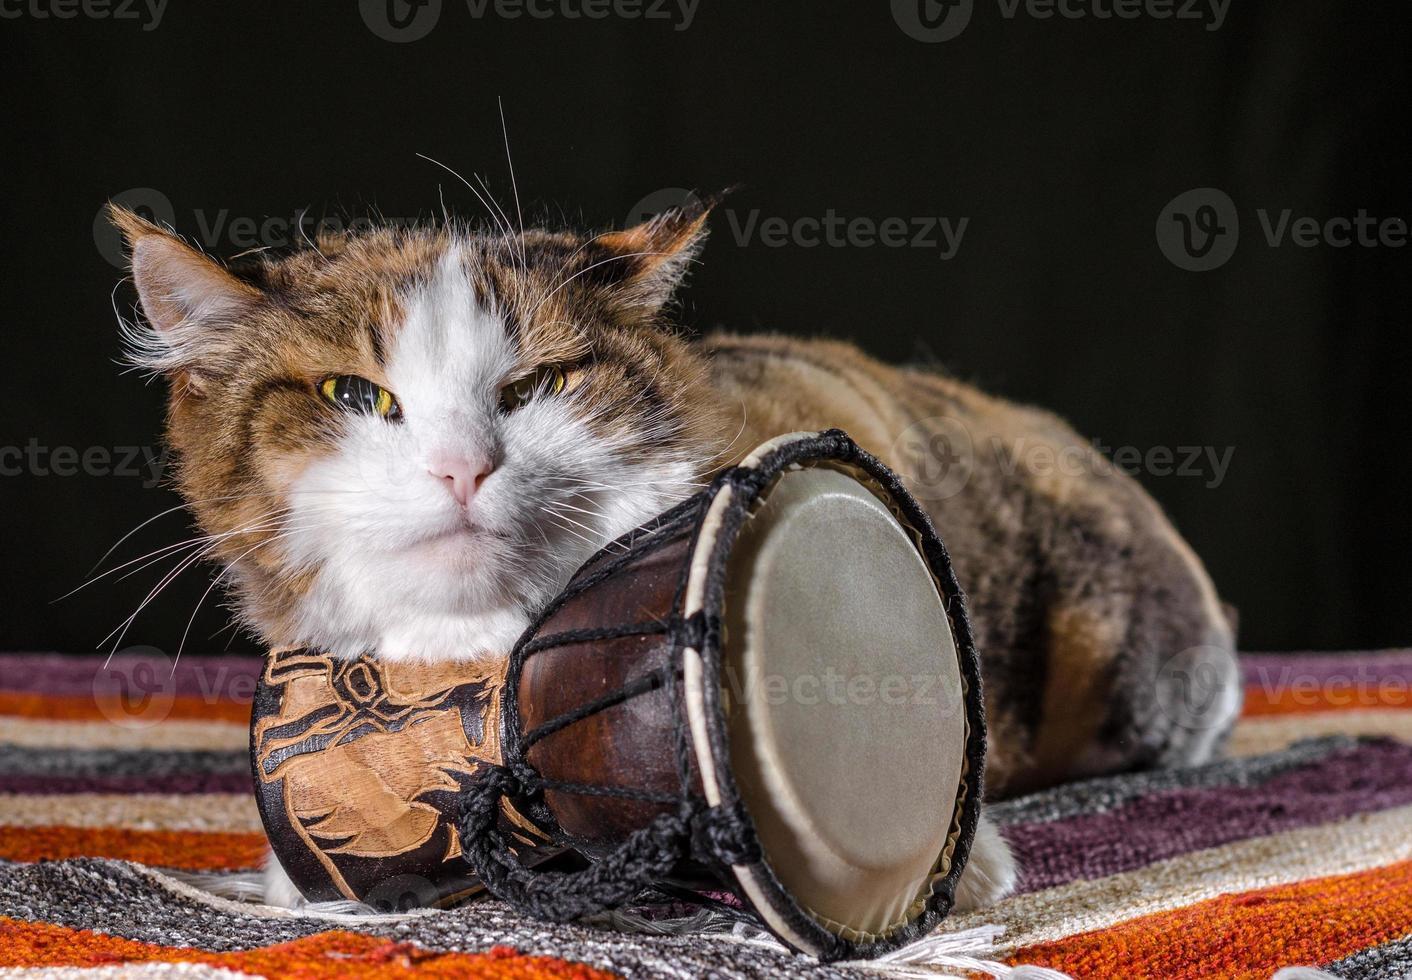 chat grincheux avec un tambour photo